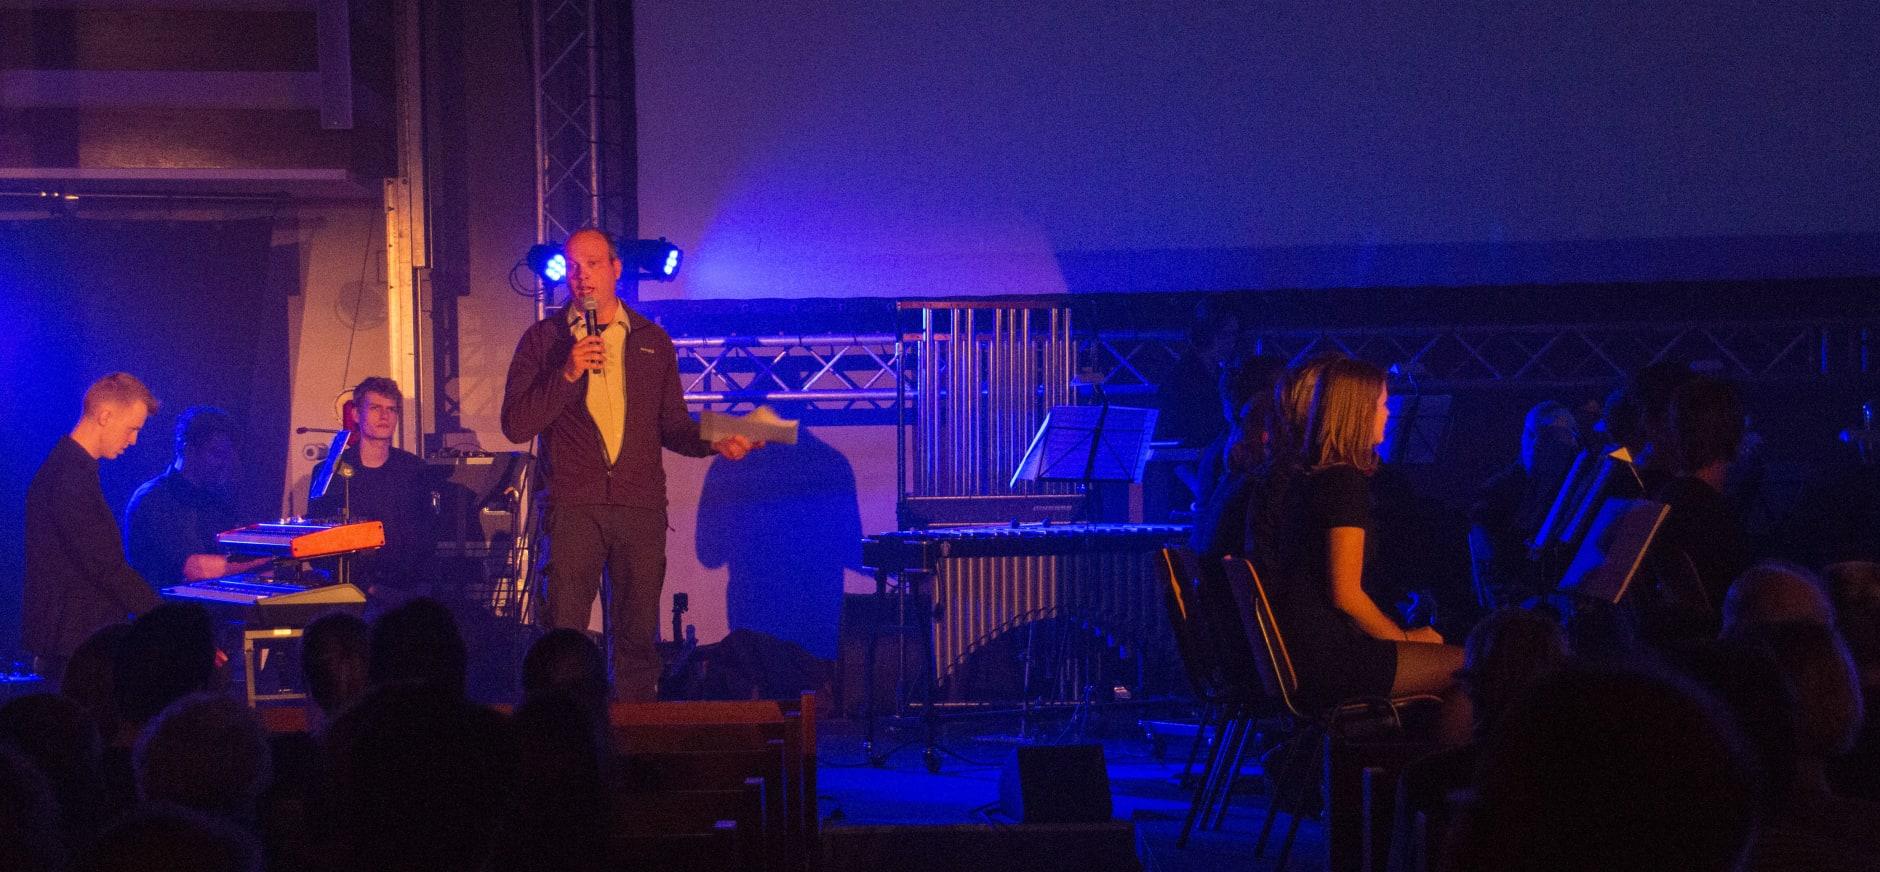 Natuurmonumenten Achterhoek 'opent' voorstelling van fanfare Eendracht Aalten